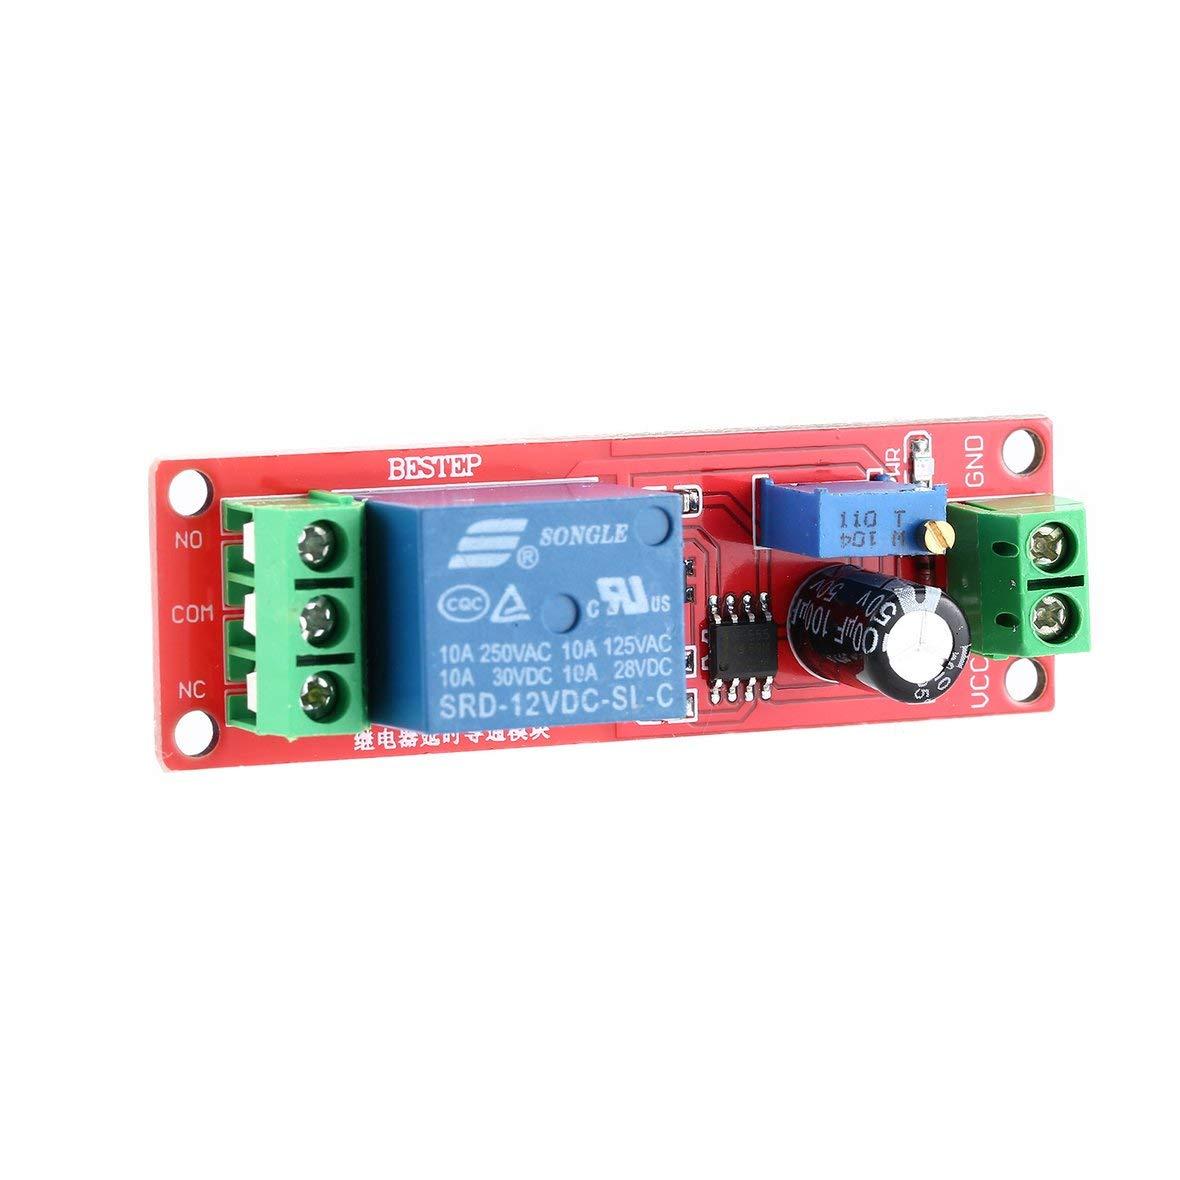 per apparecchiature elettroniche modulo rel/è temporizzato Interruttore di Ritardo monostabile Commutatore Regolabile Heaviesk Interruttore ritardato di Tempo 12V per Auto